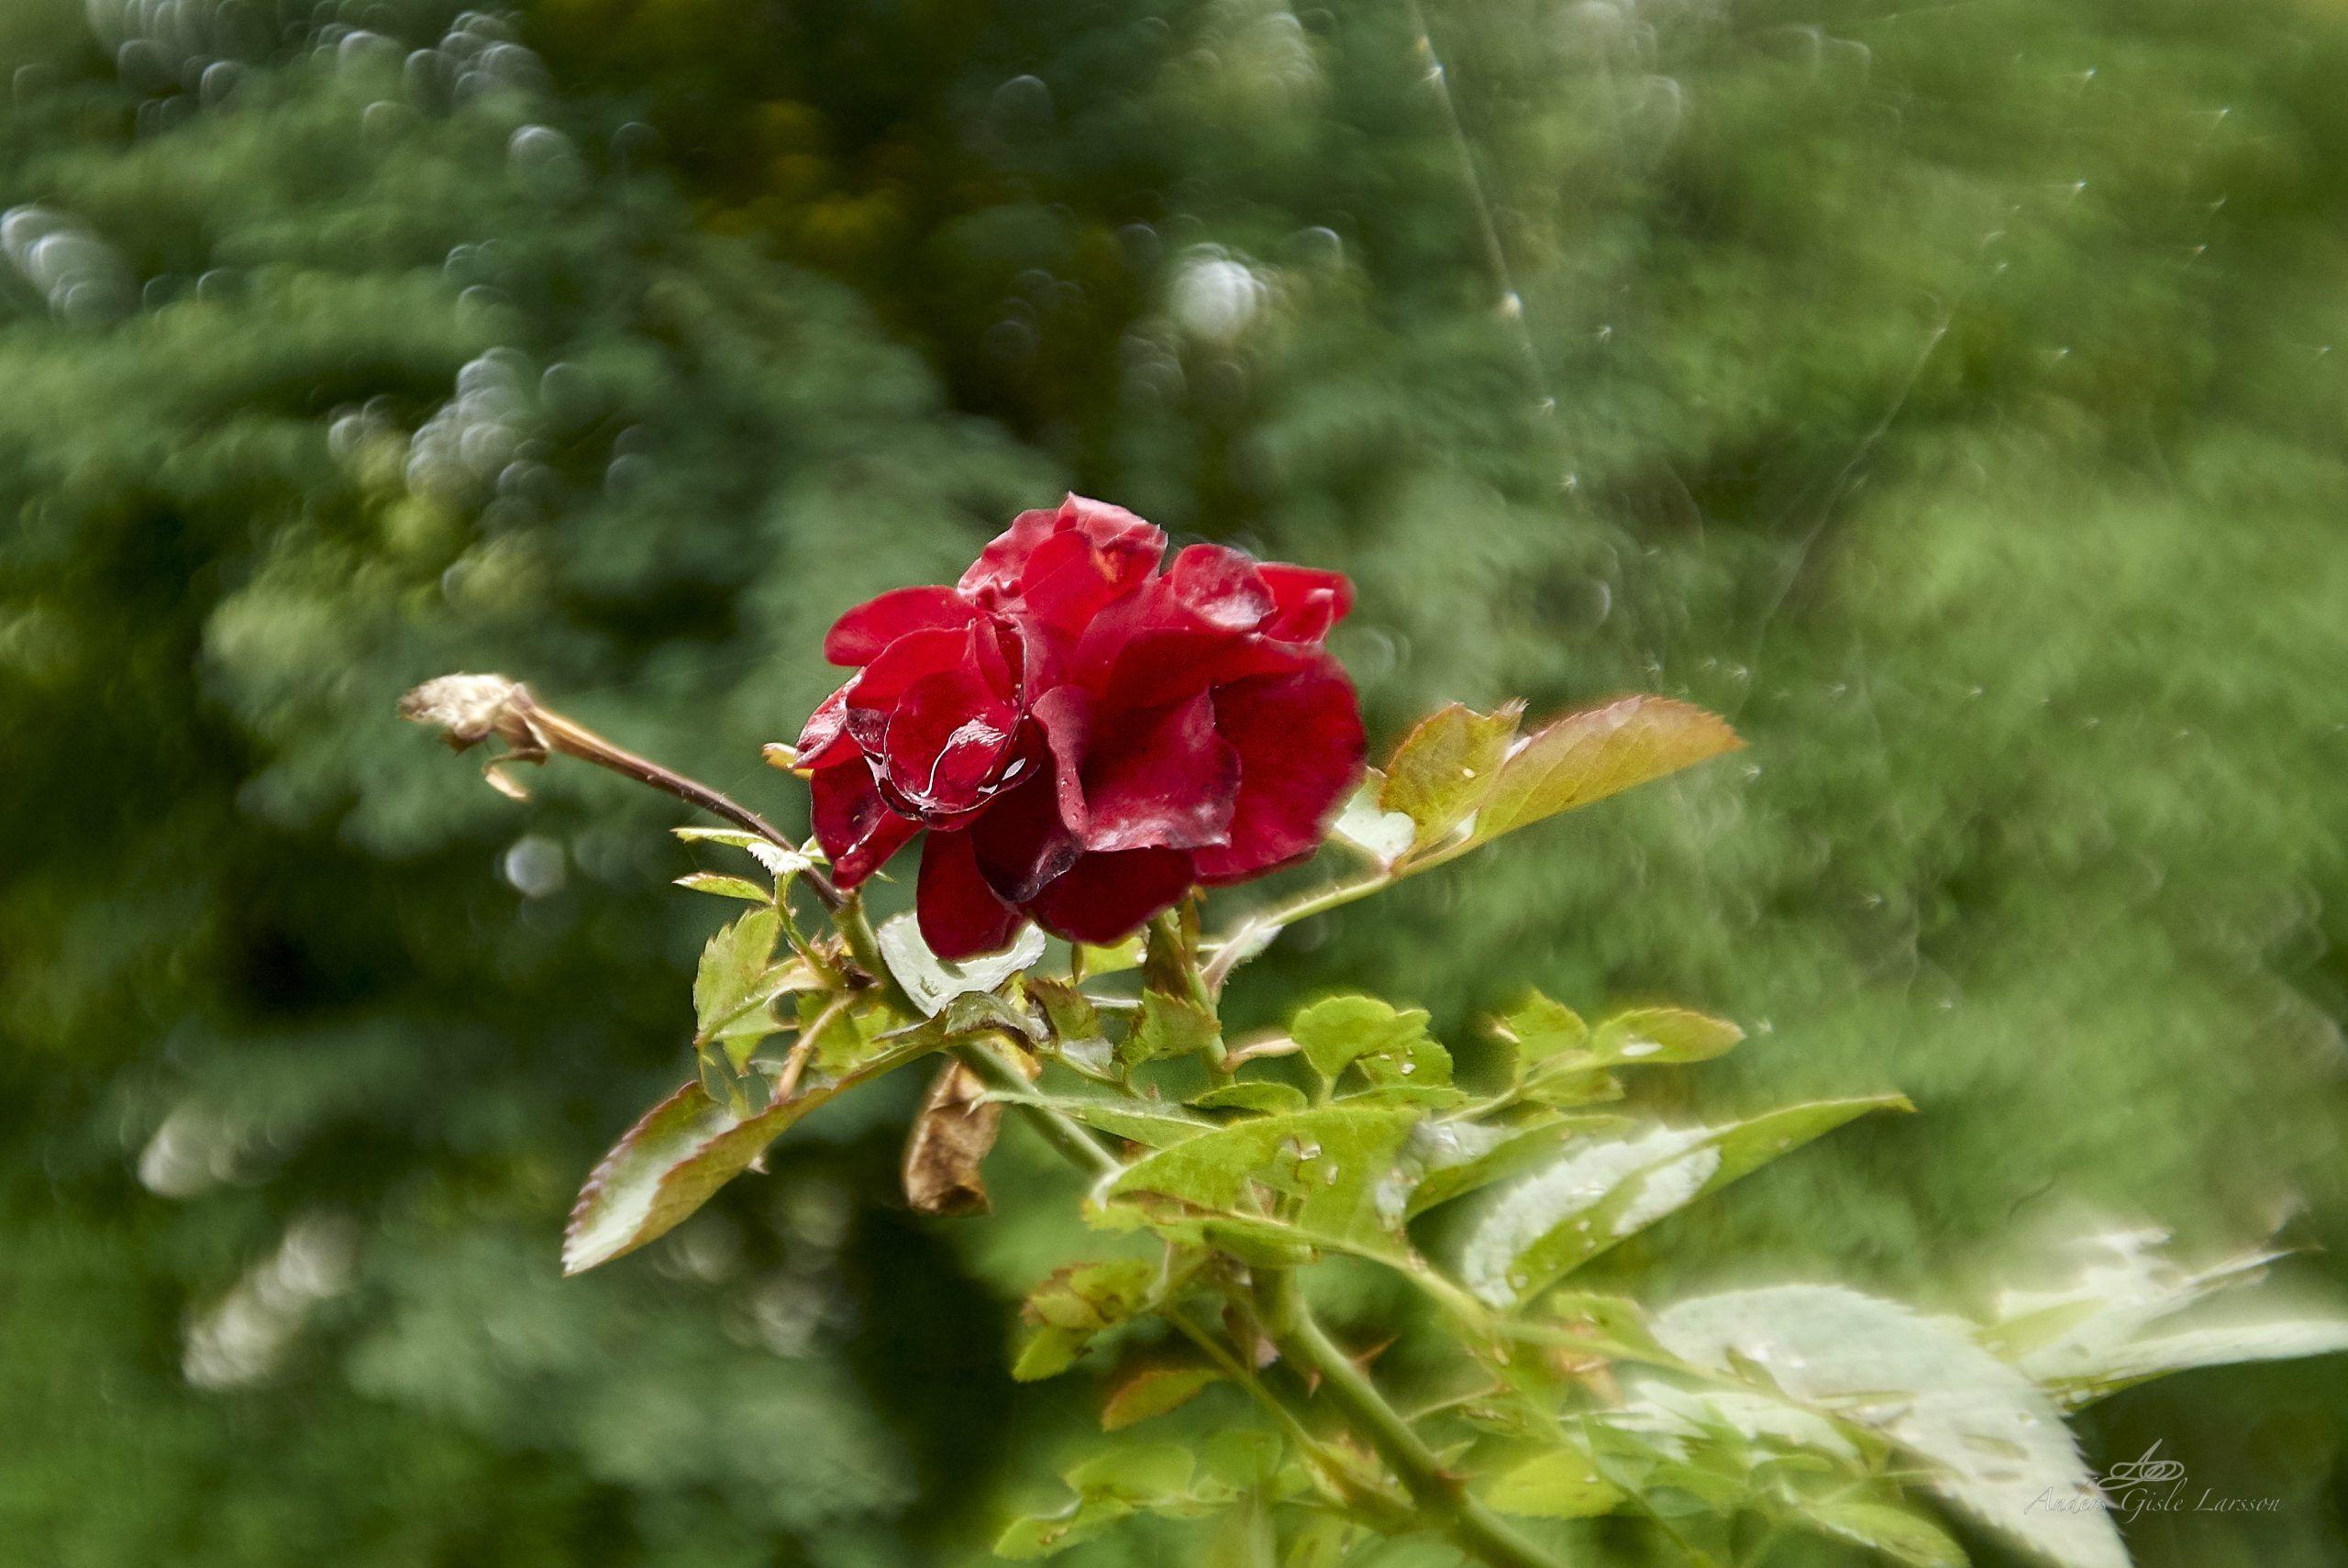 En døende rose, 243/365, Uge 35, Assentoft, Randers